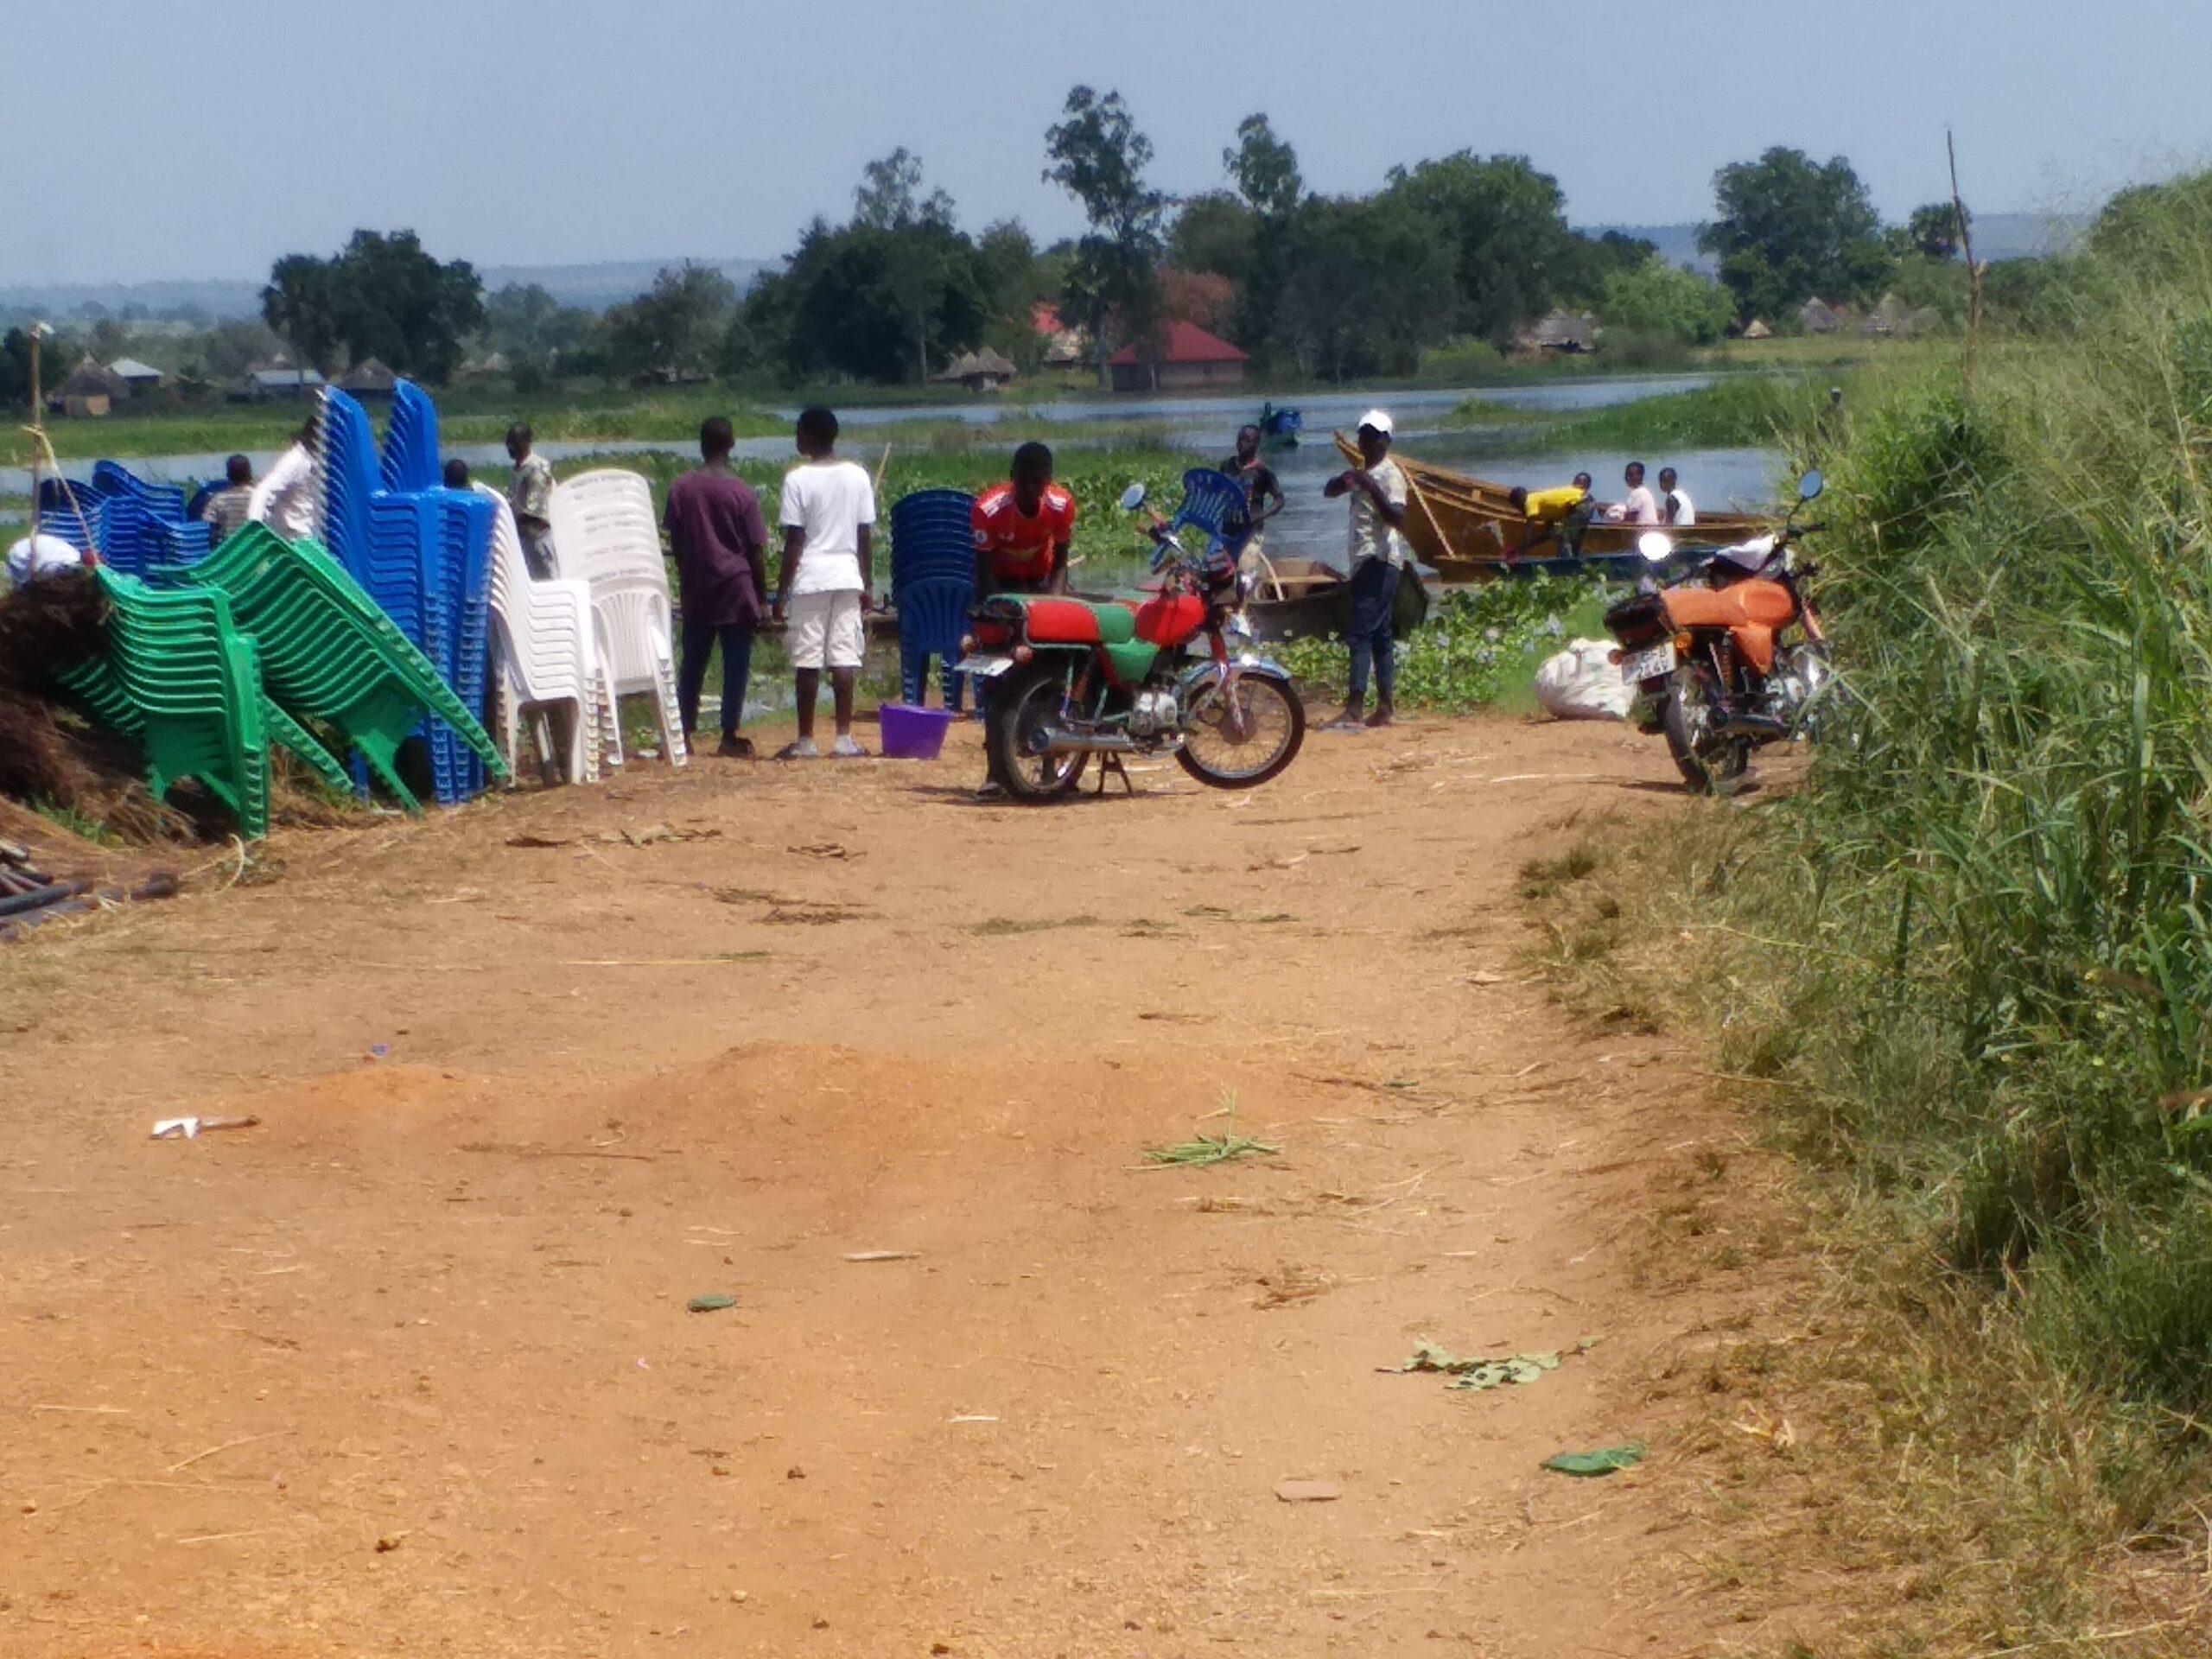 河水淹沒路面需藉小船前往對面村落